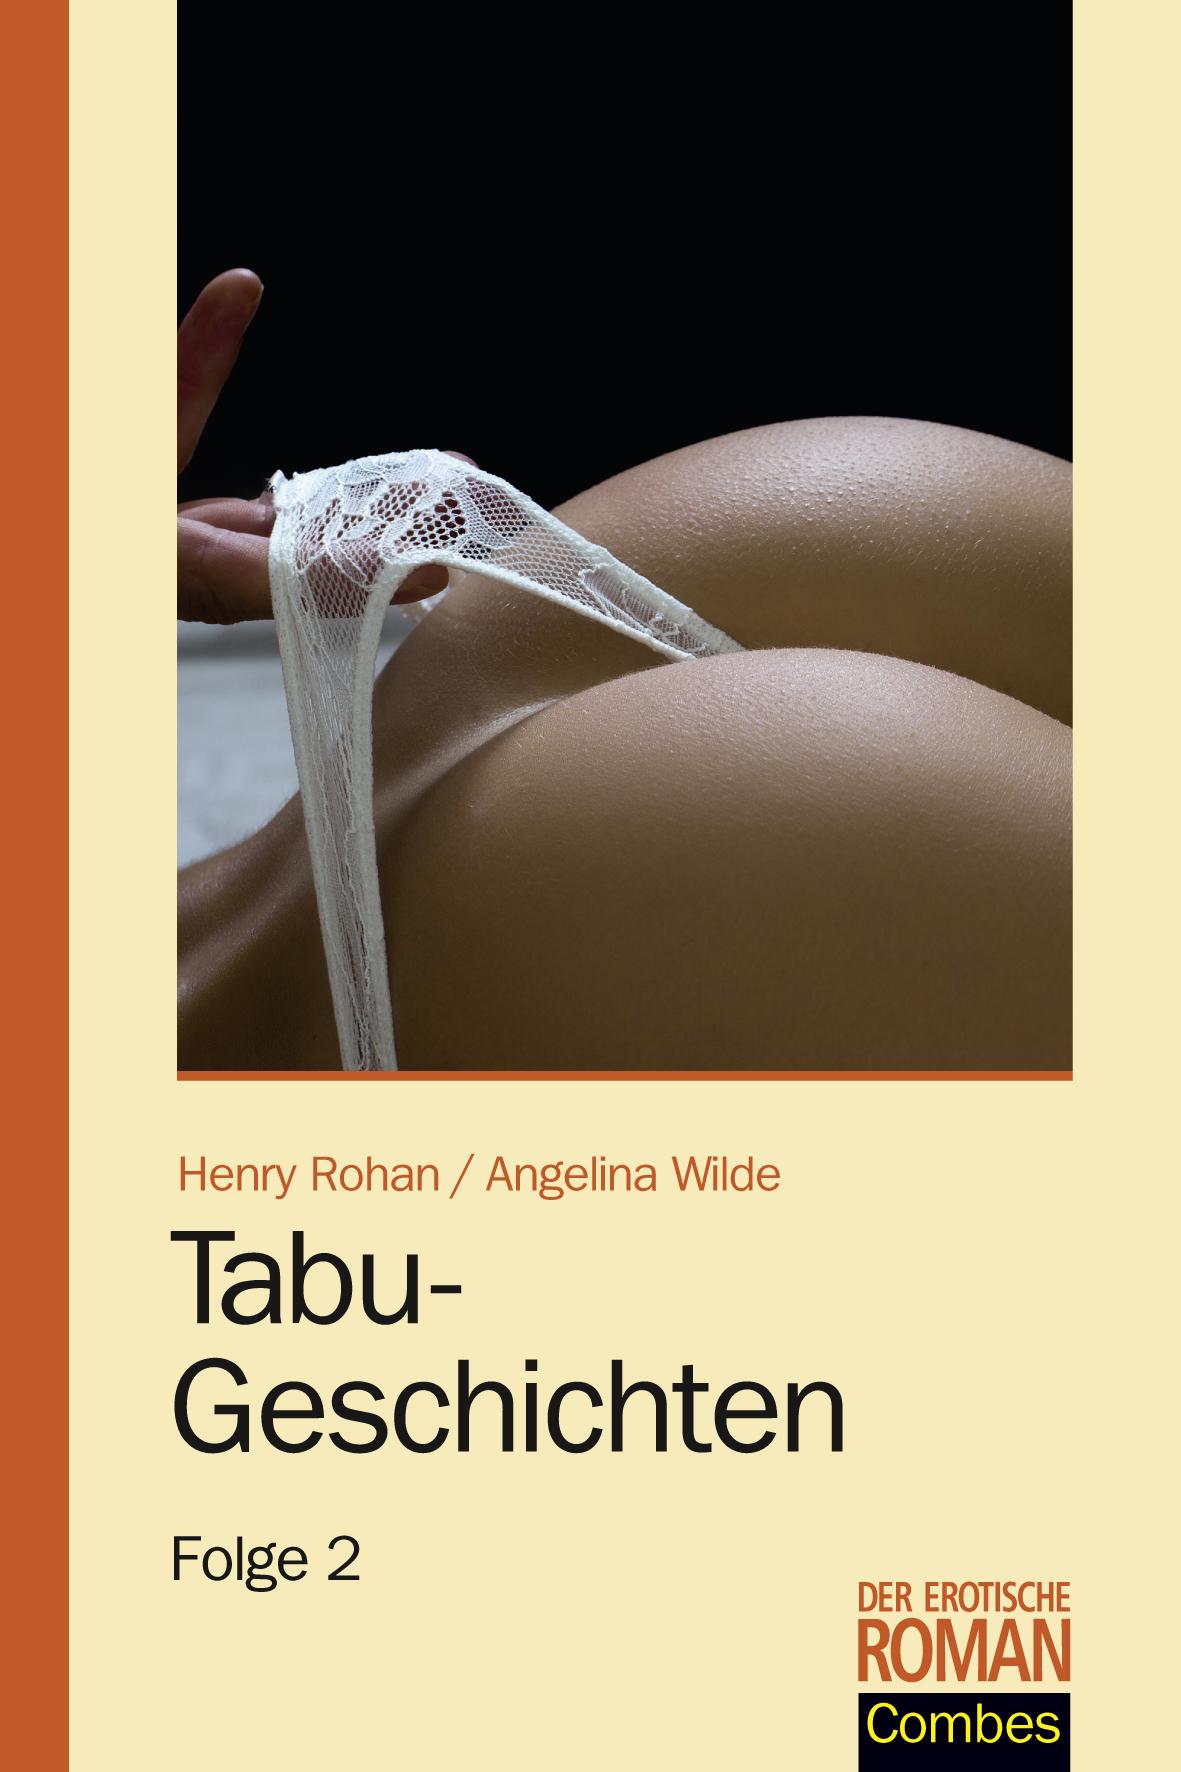 Pornografische Literatur